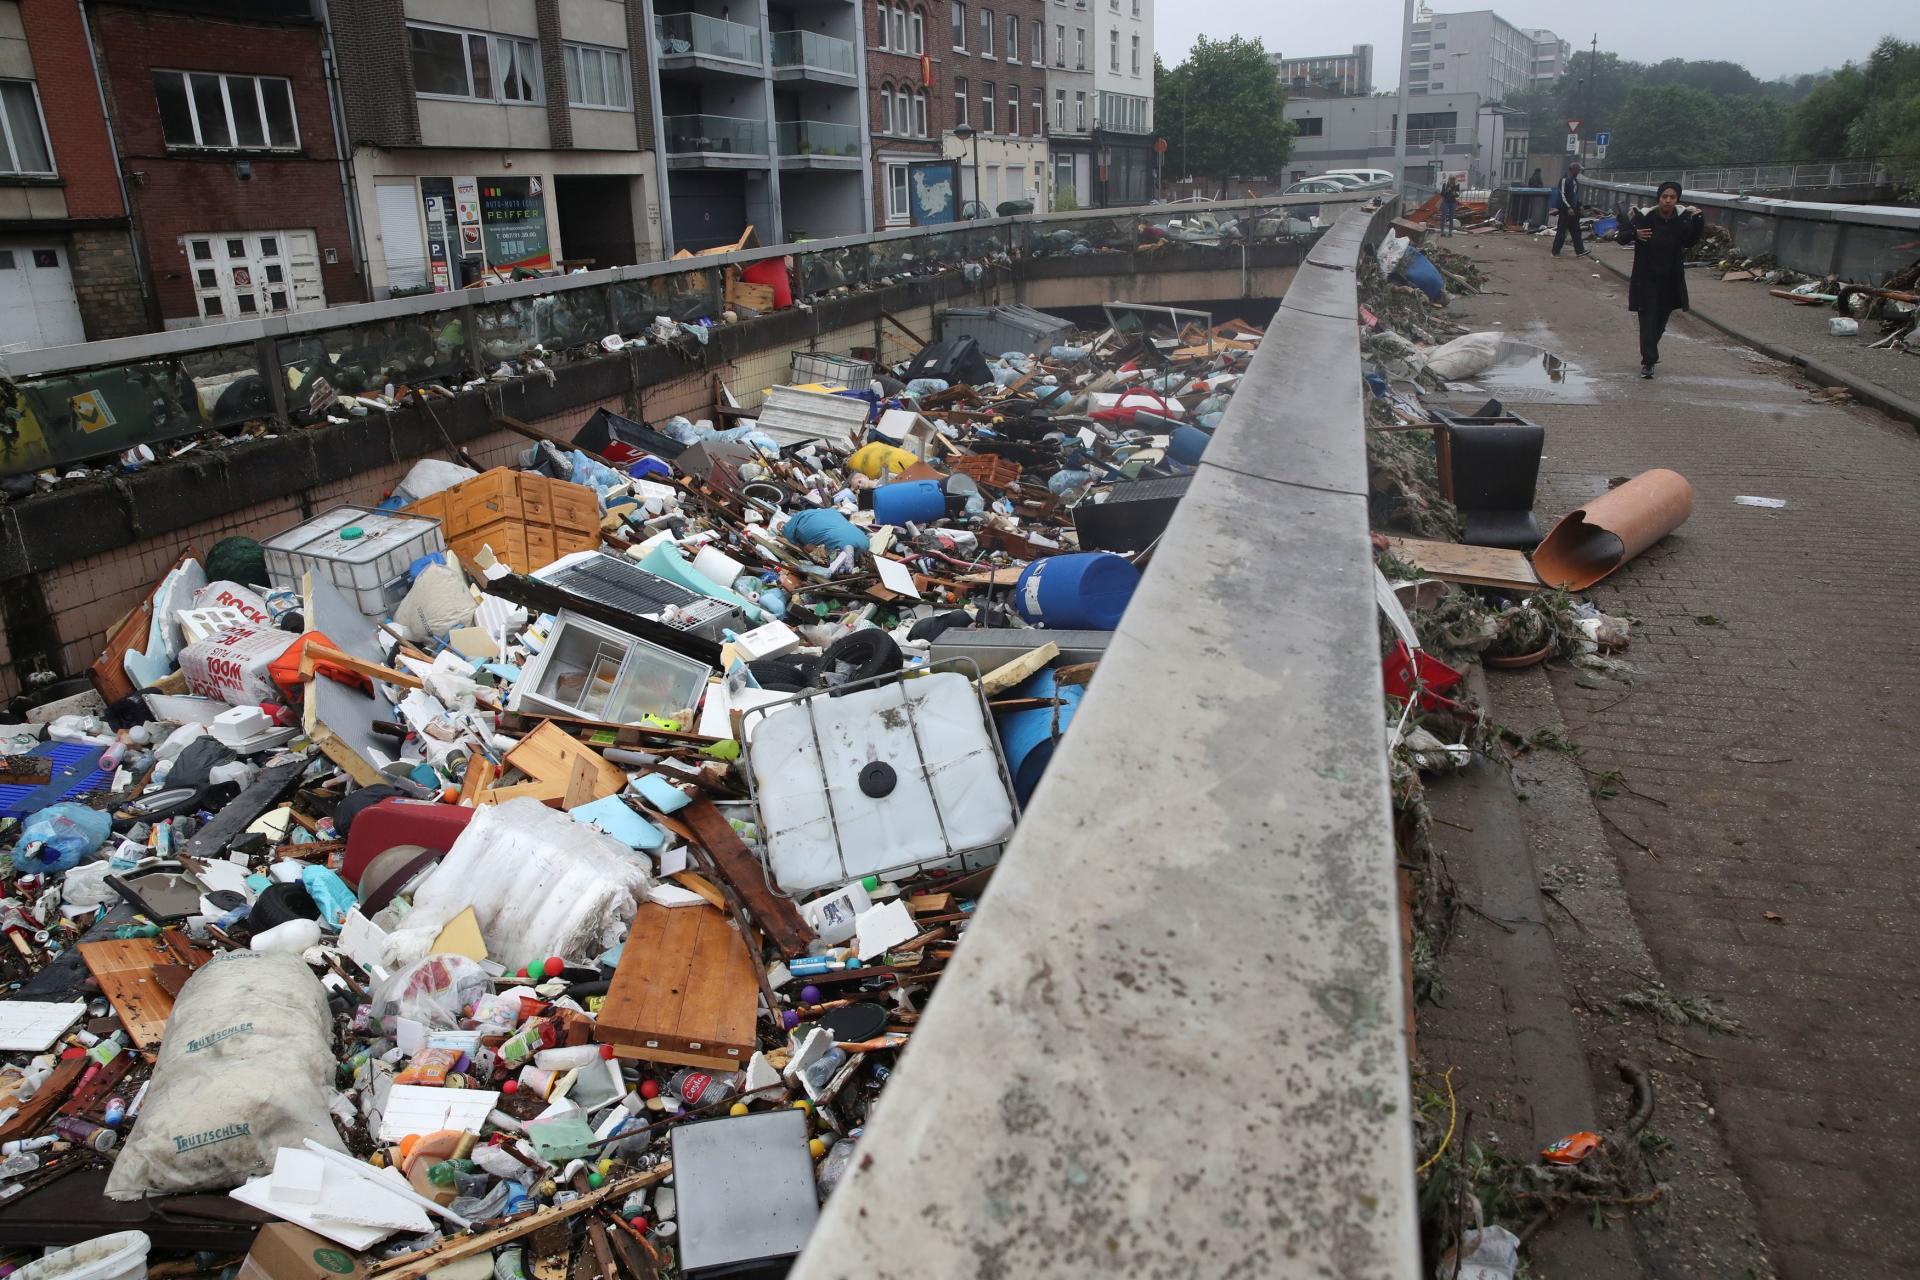 Des débris sont charriés par les crues à Verviers, en Belgique, le 16 juillet 2021.